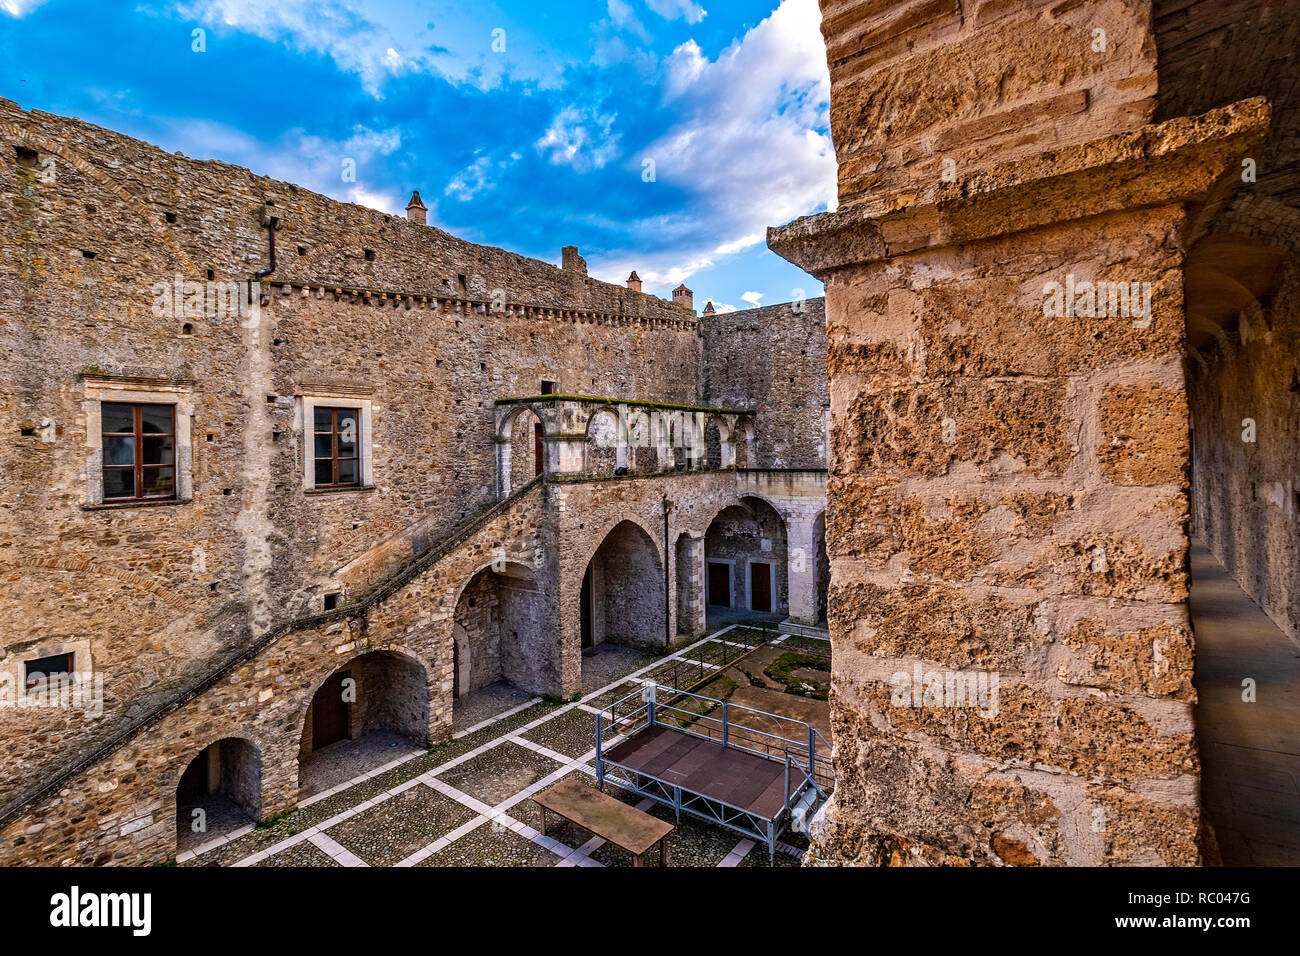 Italy Basilicata Miglionico castle of the Malconsiglio - Stock Image